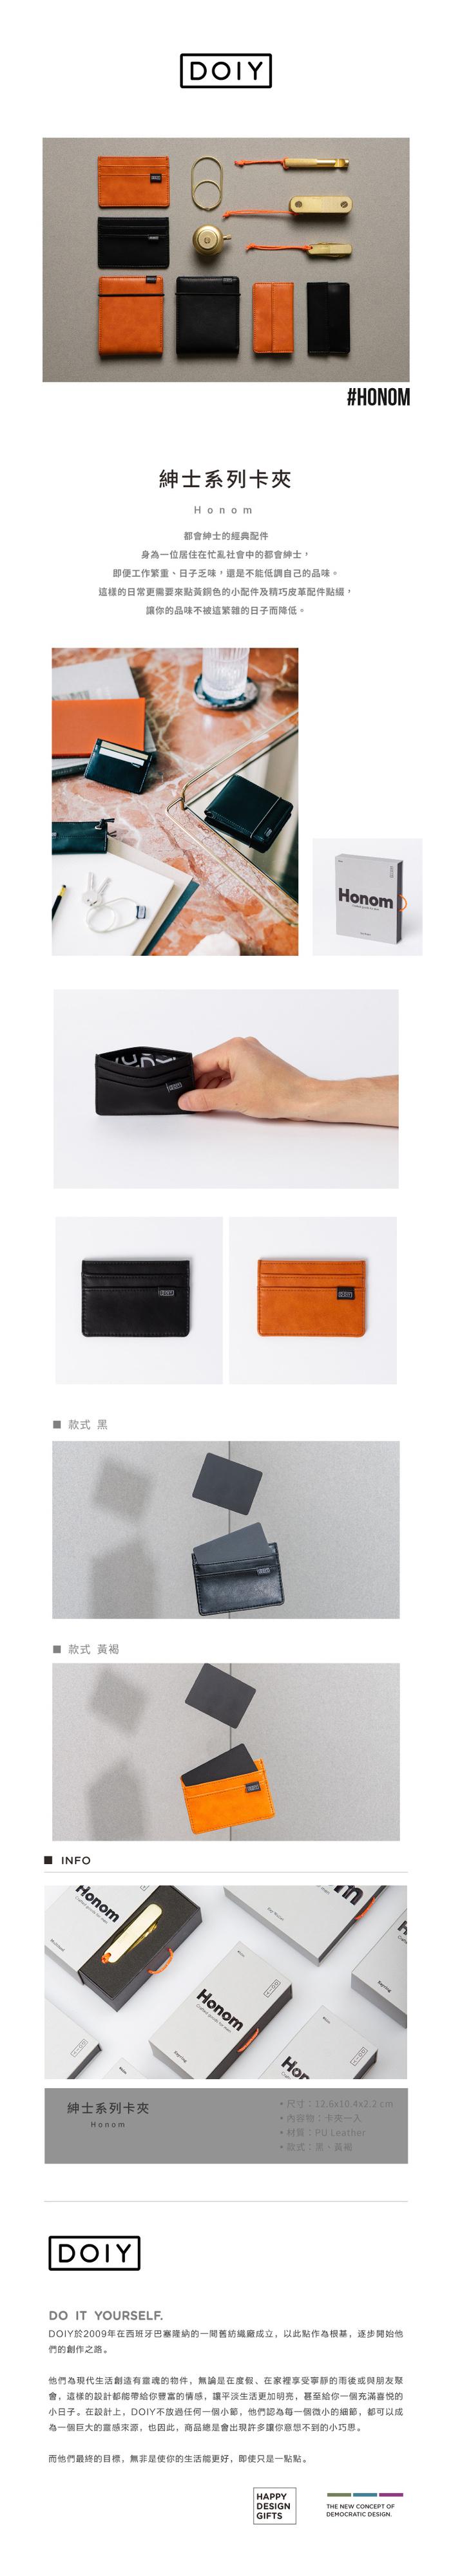 DOIY|紳士系列-卡夾